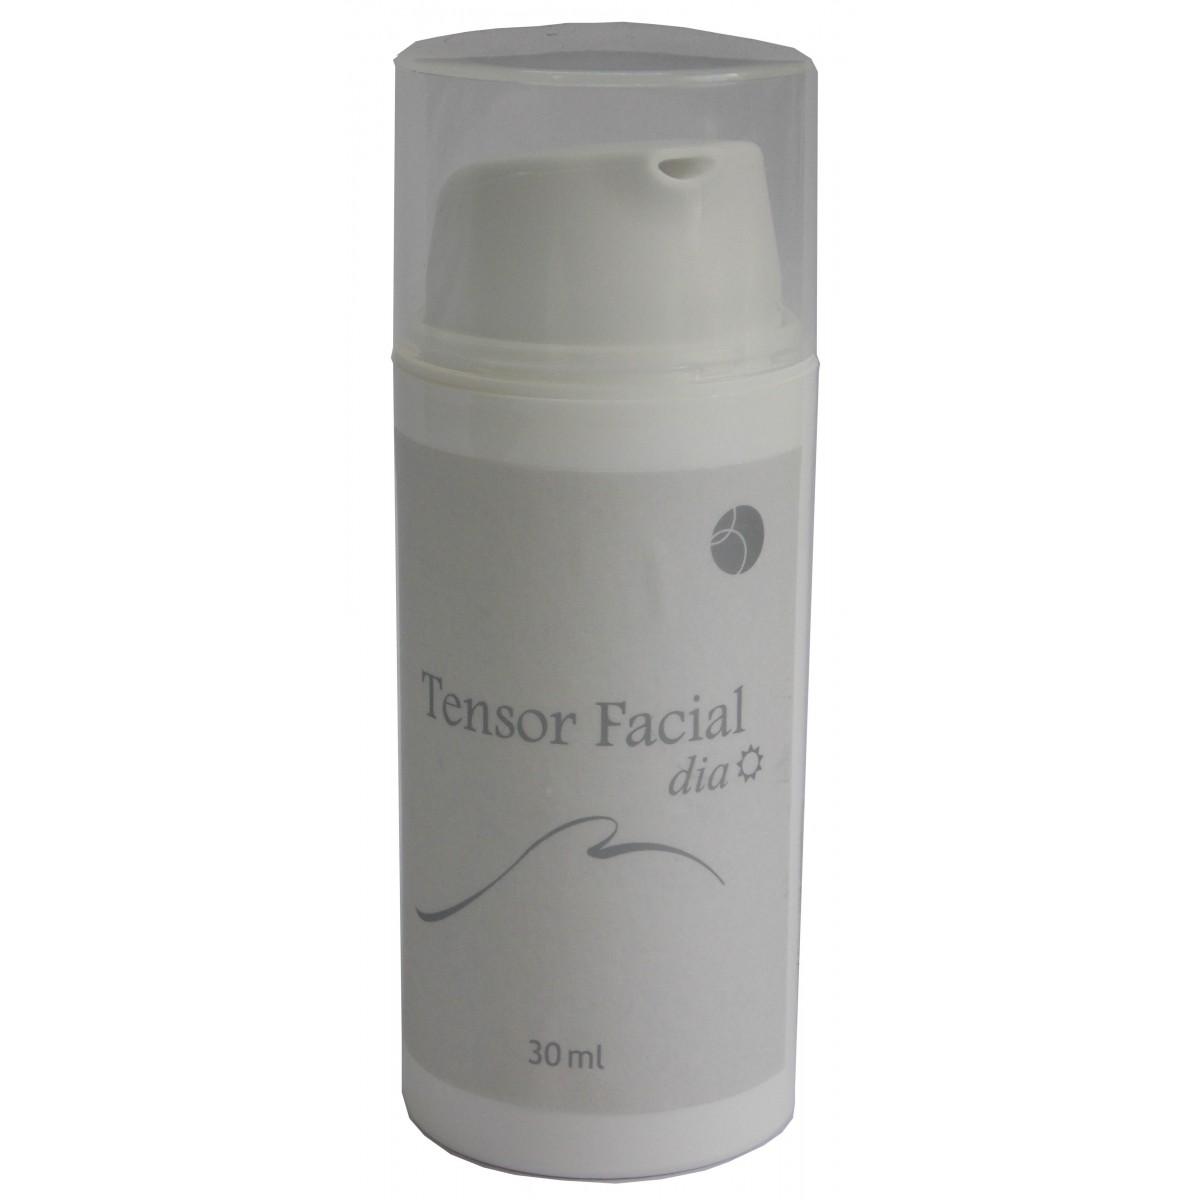 Tensor Facial Dia com FPS 30 - 30 g   - Bulla Farmácia de Manipulação